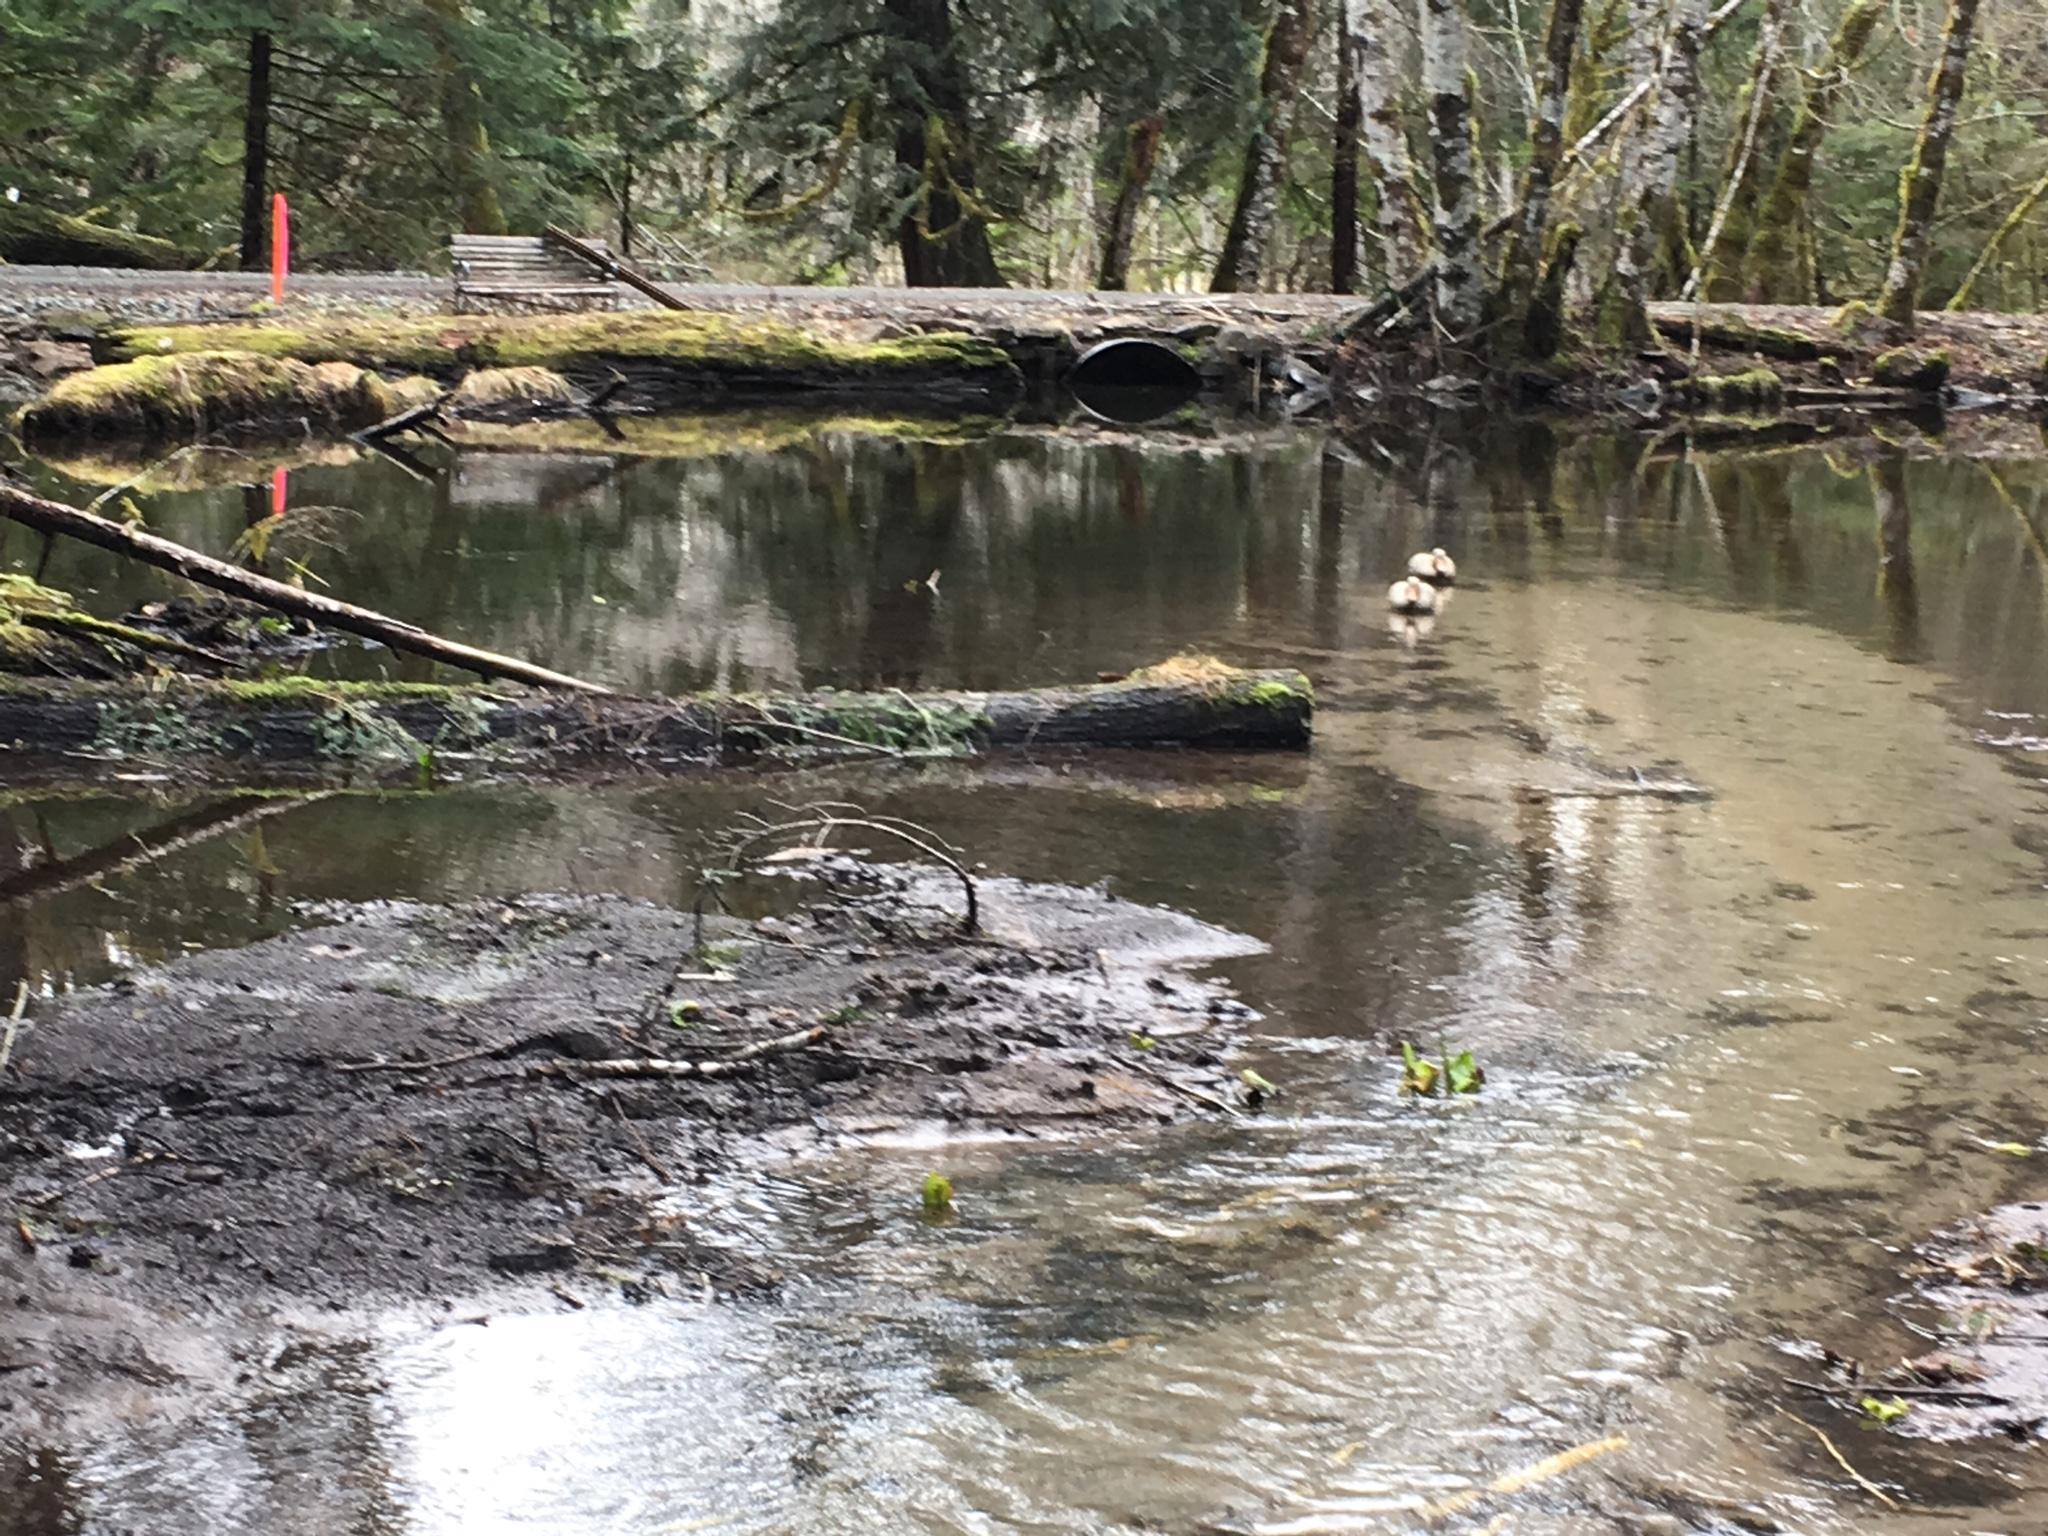 DIY pond dredging - Pirate4x4 Com : 4x4 and Off-Road Forum